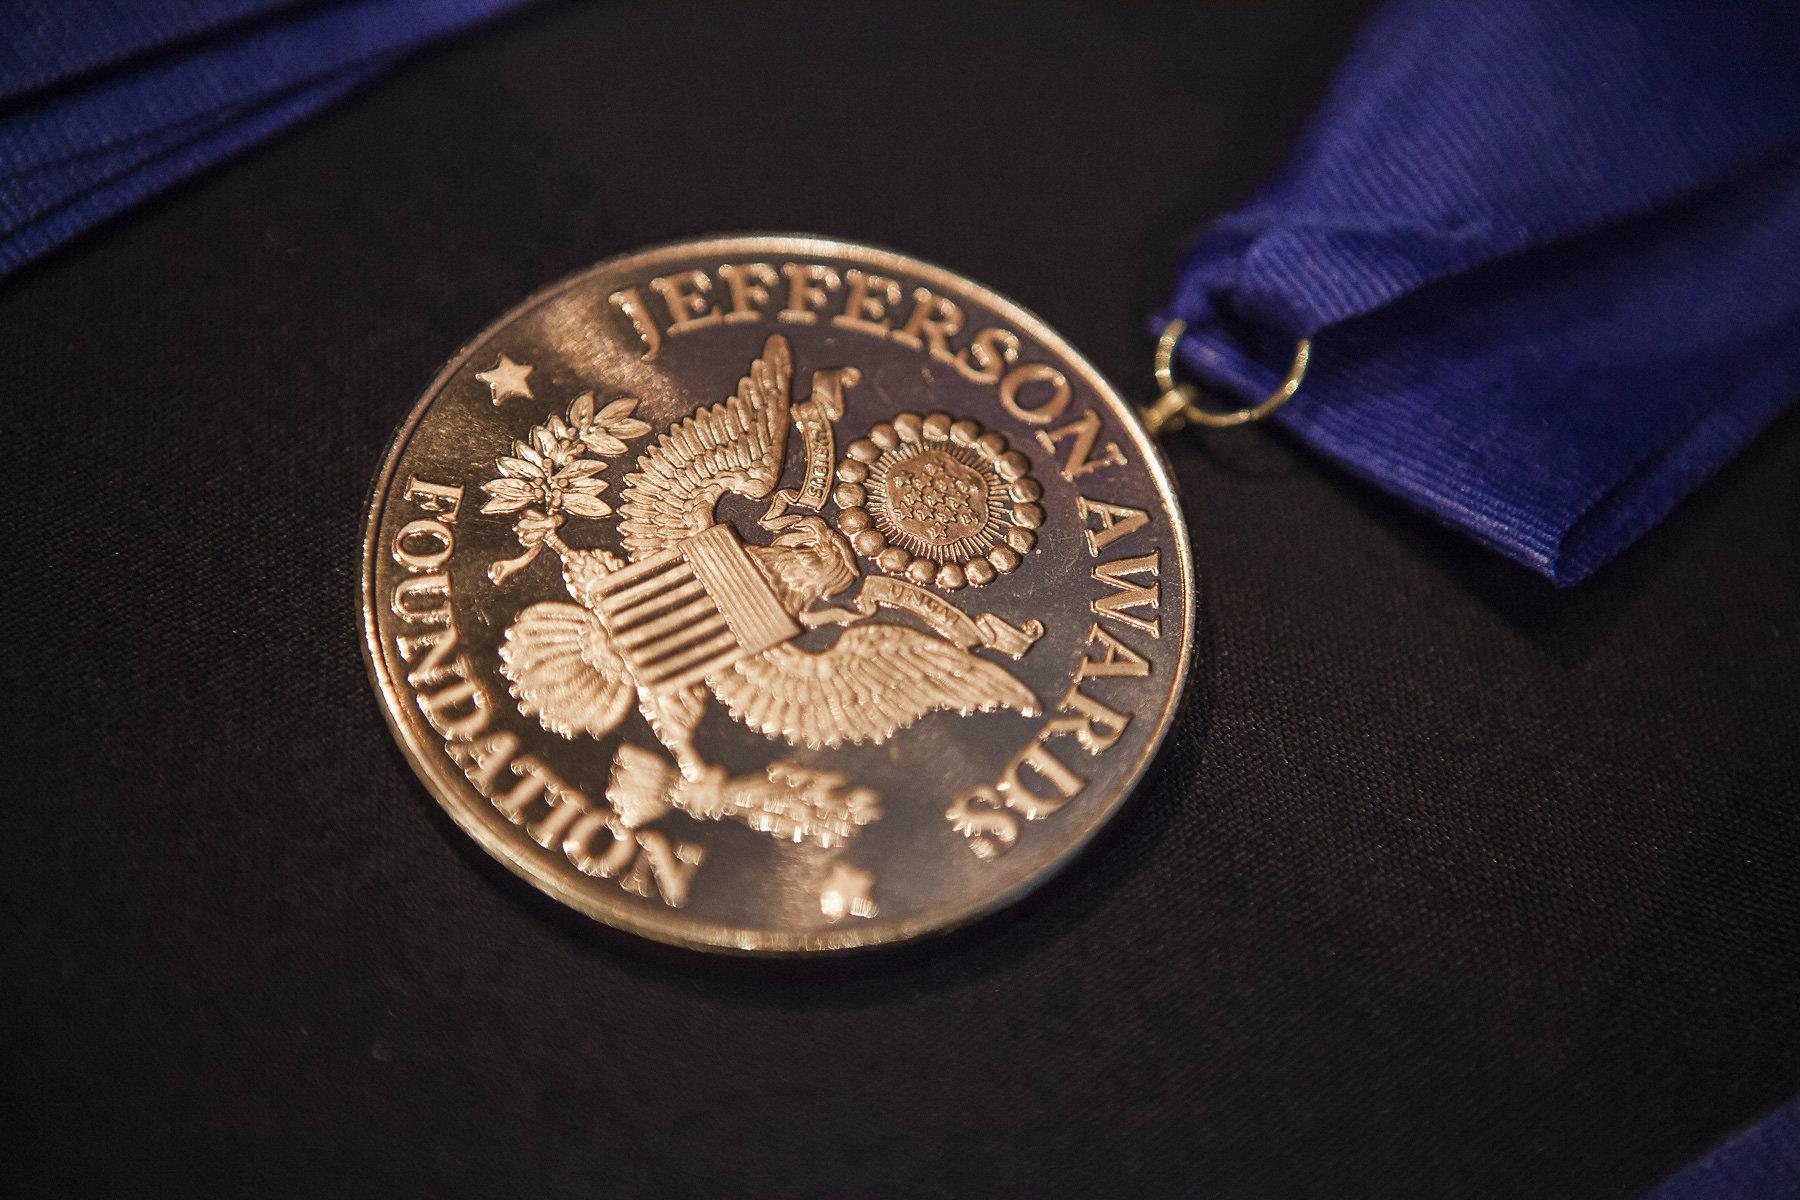 2018 Jefferson Award Ceremony